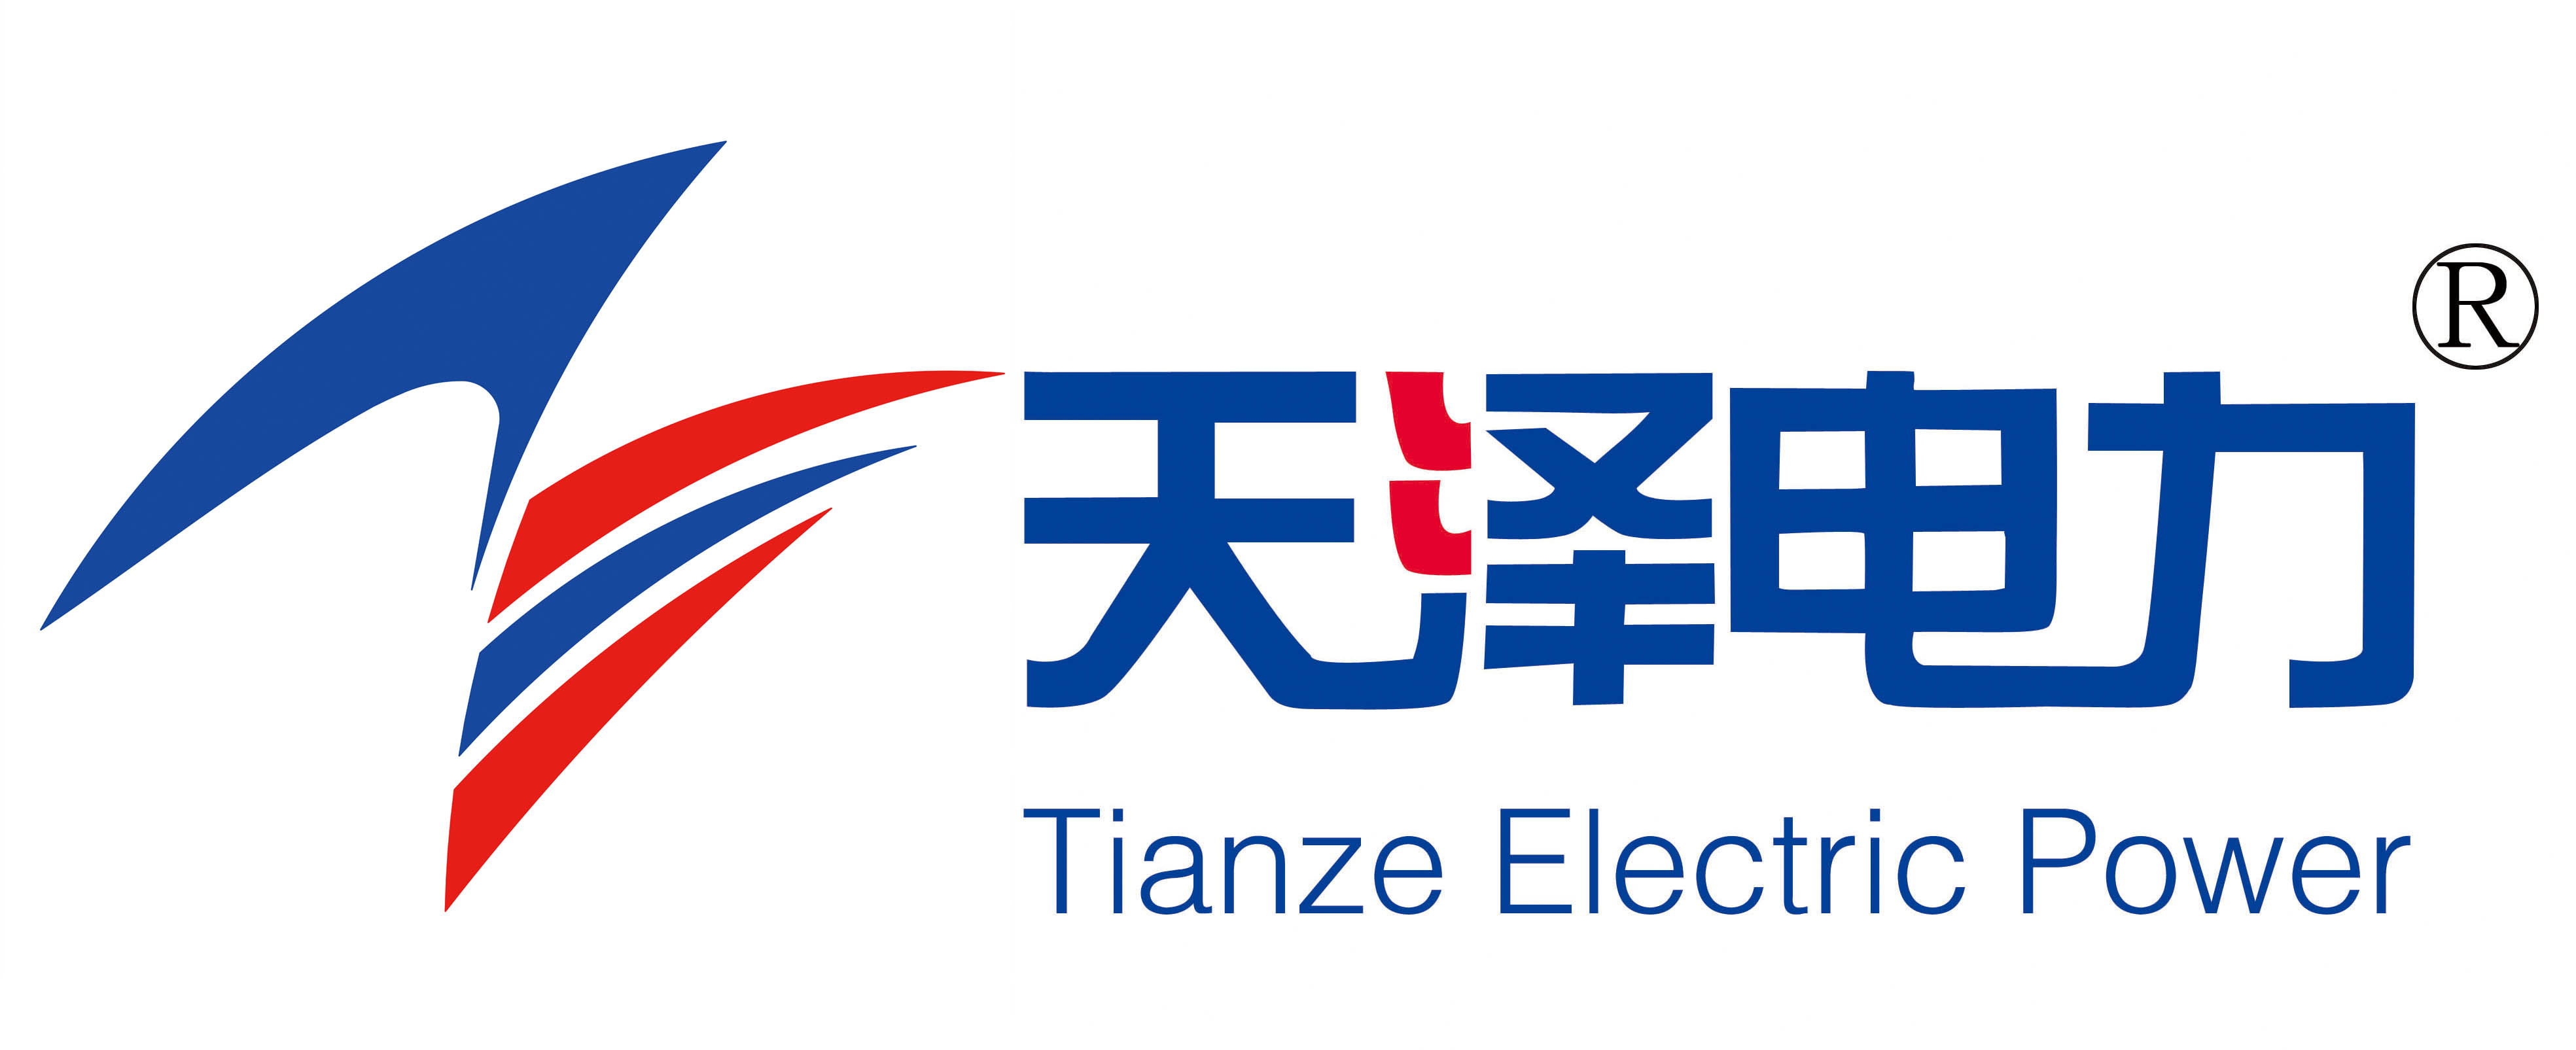 北京天泽电力集团有限公司最新招聘信息